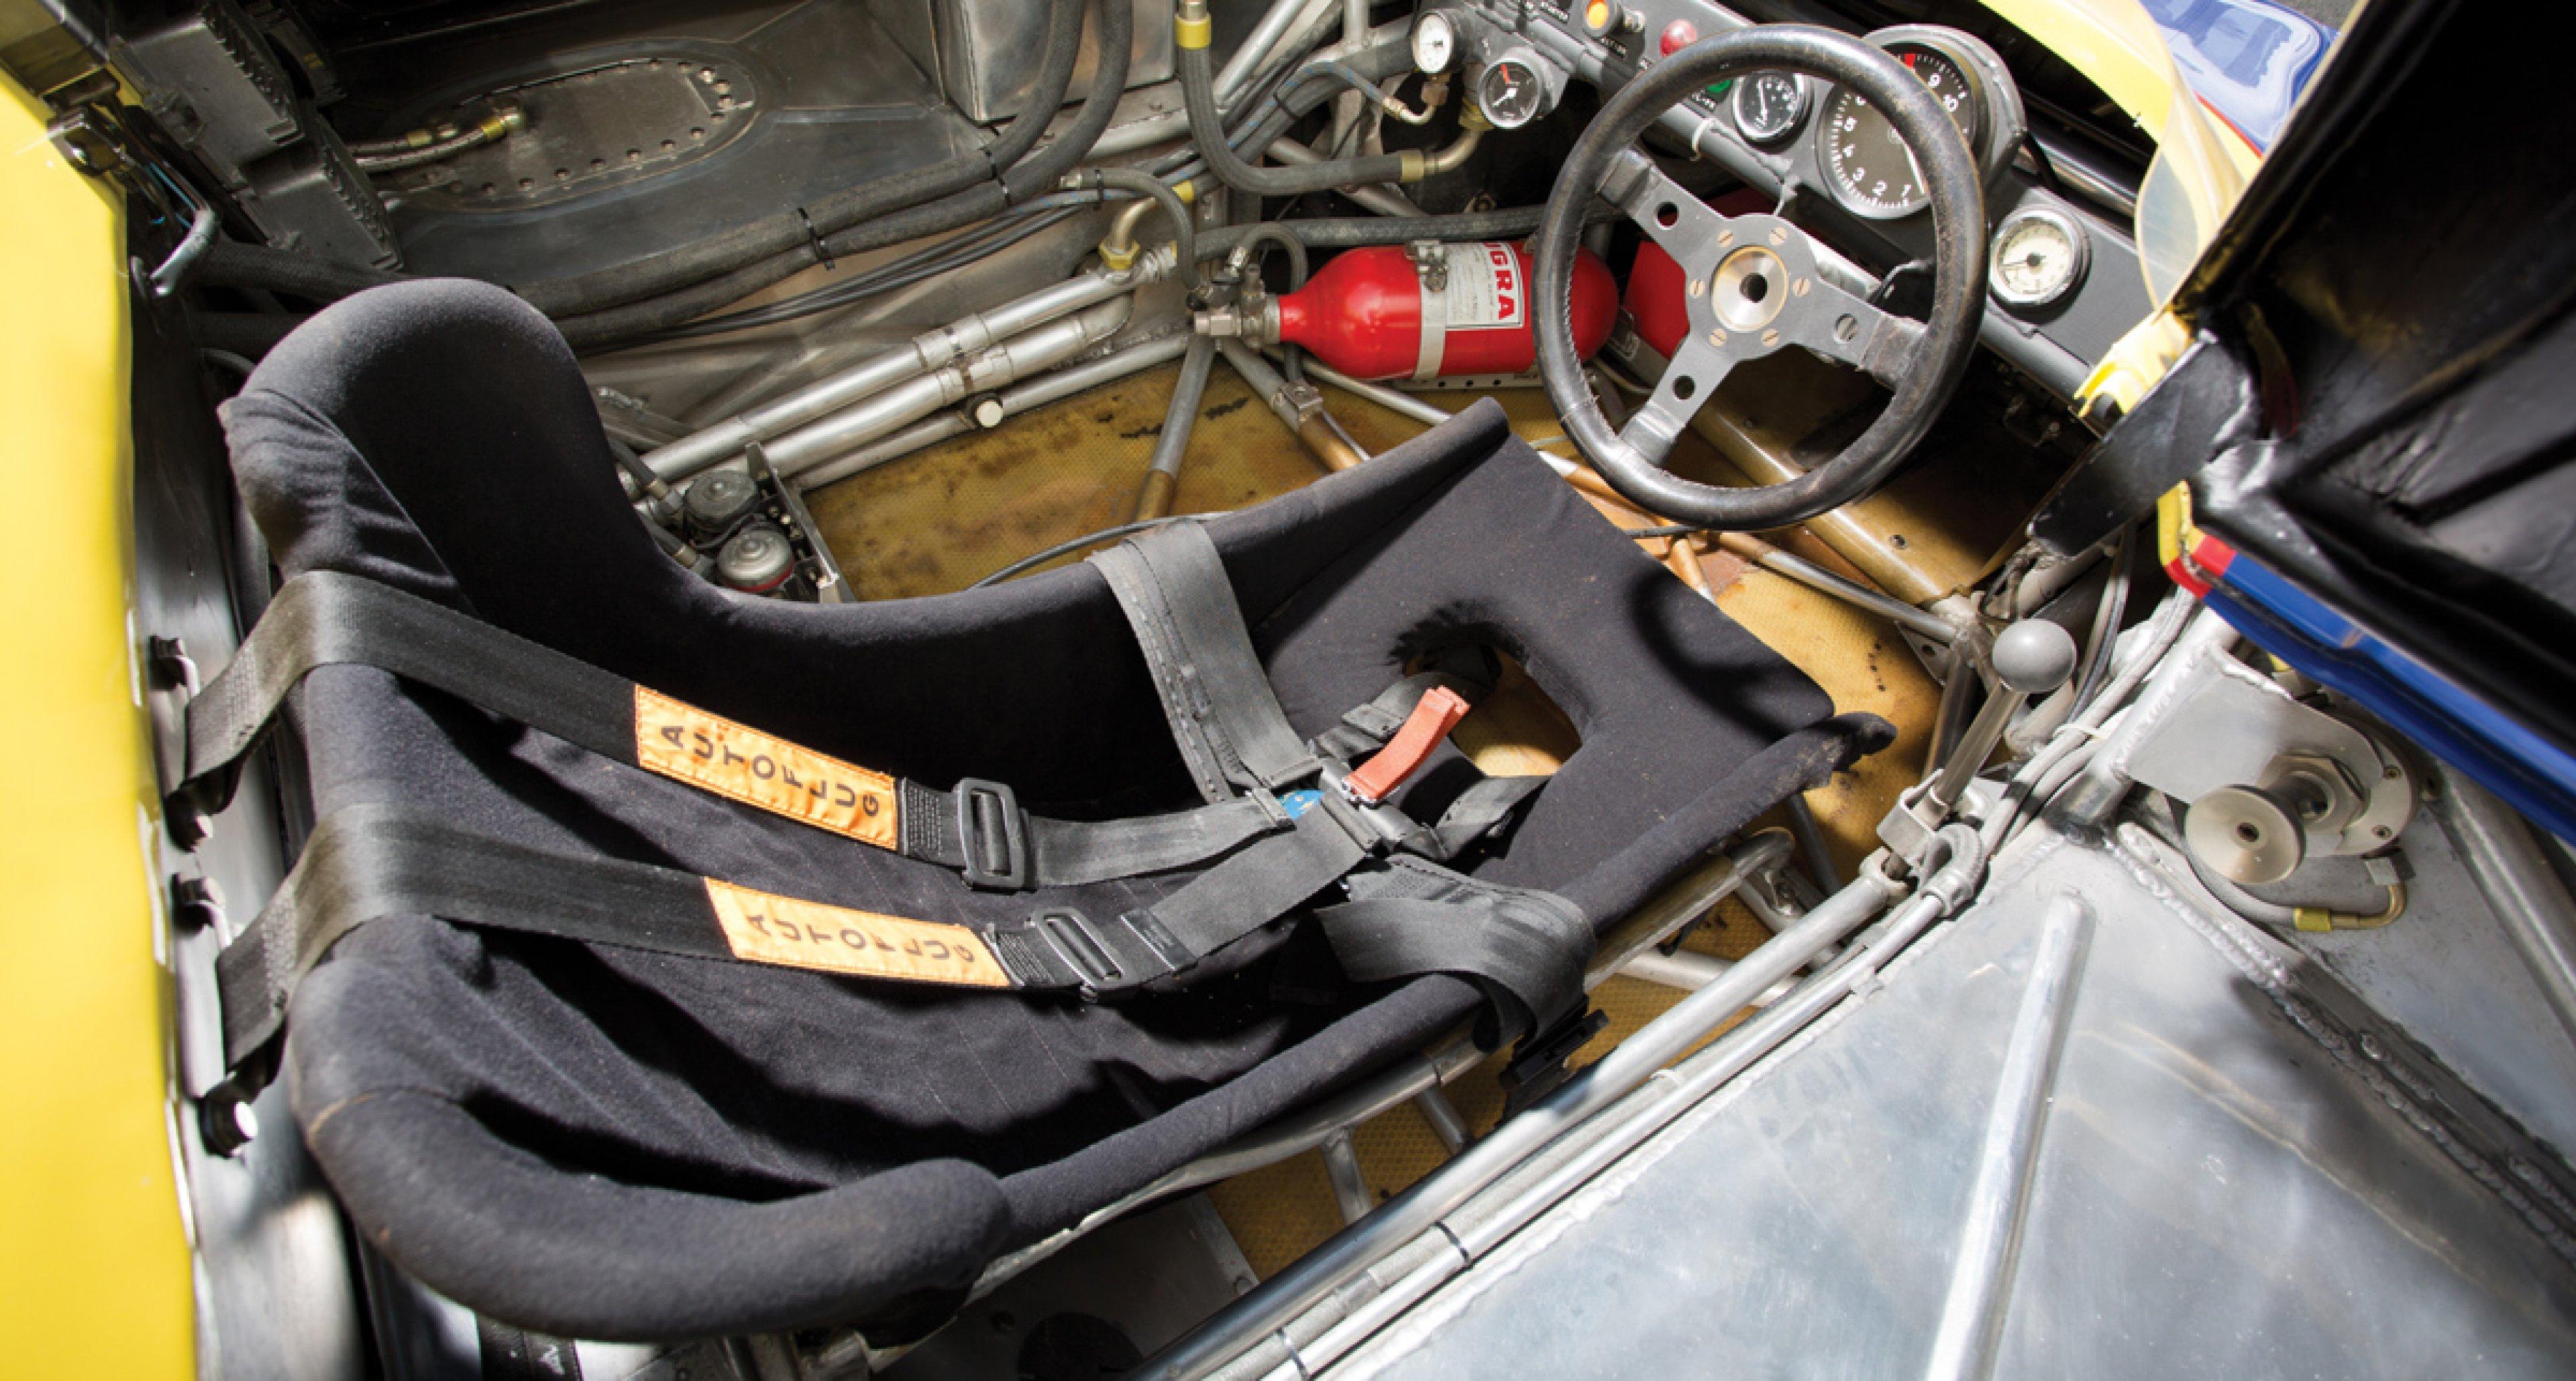 Lot 24: 1973 Porsche 917/30 Can-Am Spyder € 2.100.000 - 2.900.000